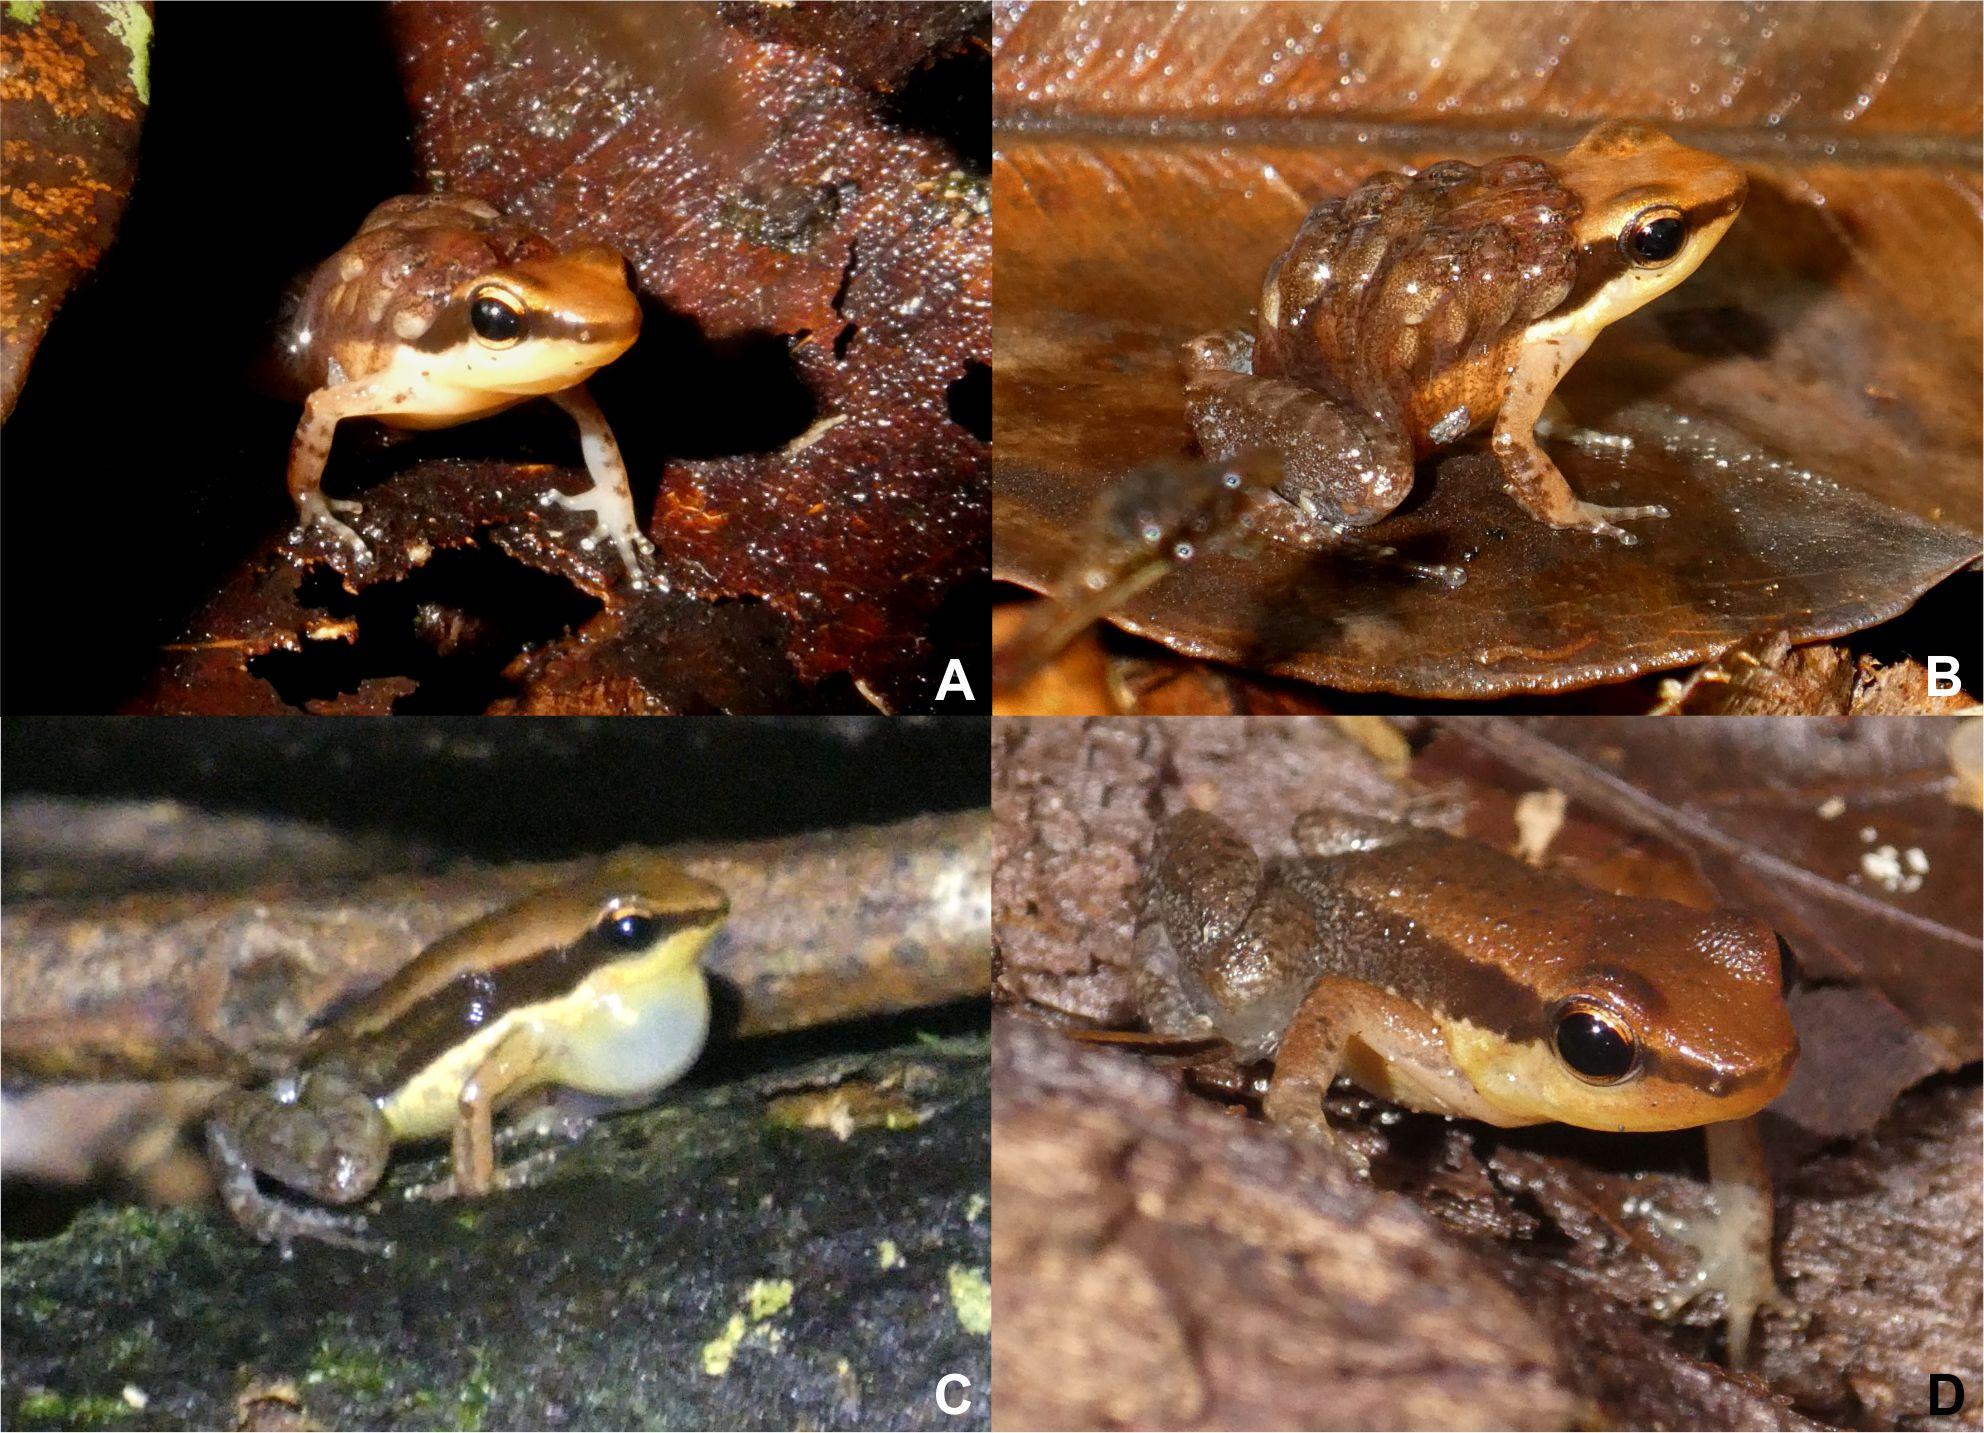 Allobates grillicantus